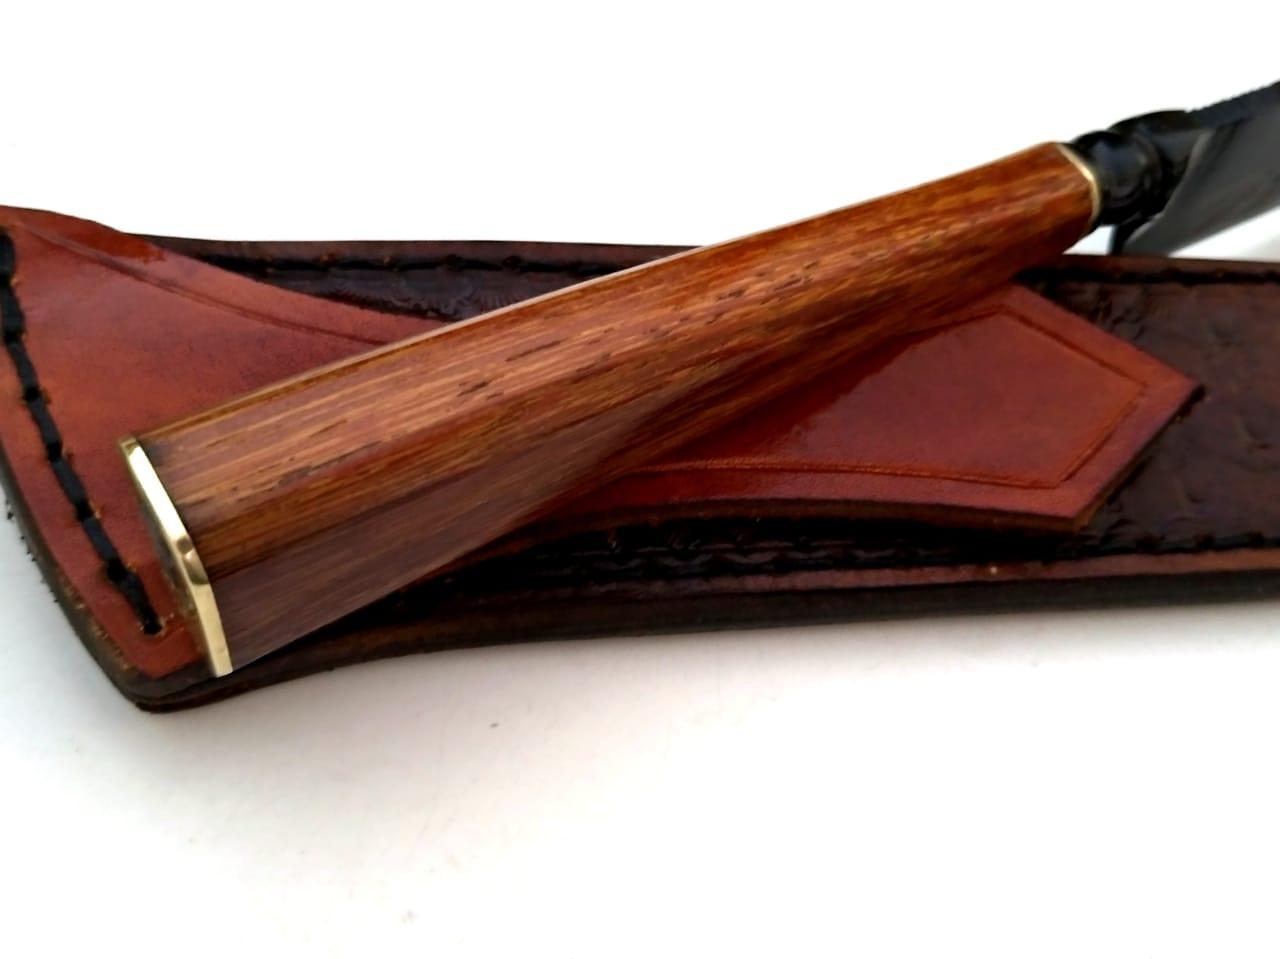 Faca artesanal forjada negra aço carbono língua de chimango 10  polegadas